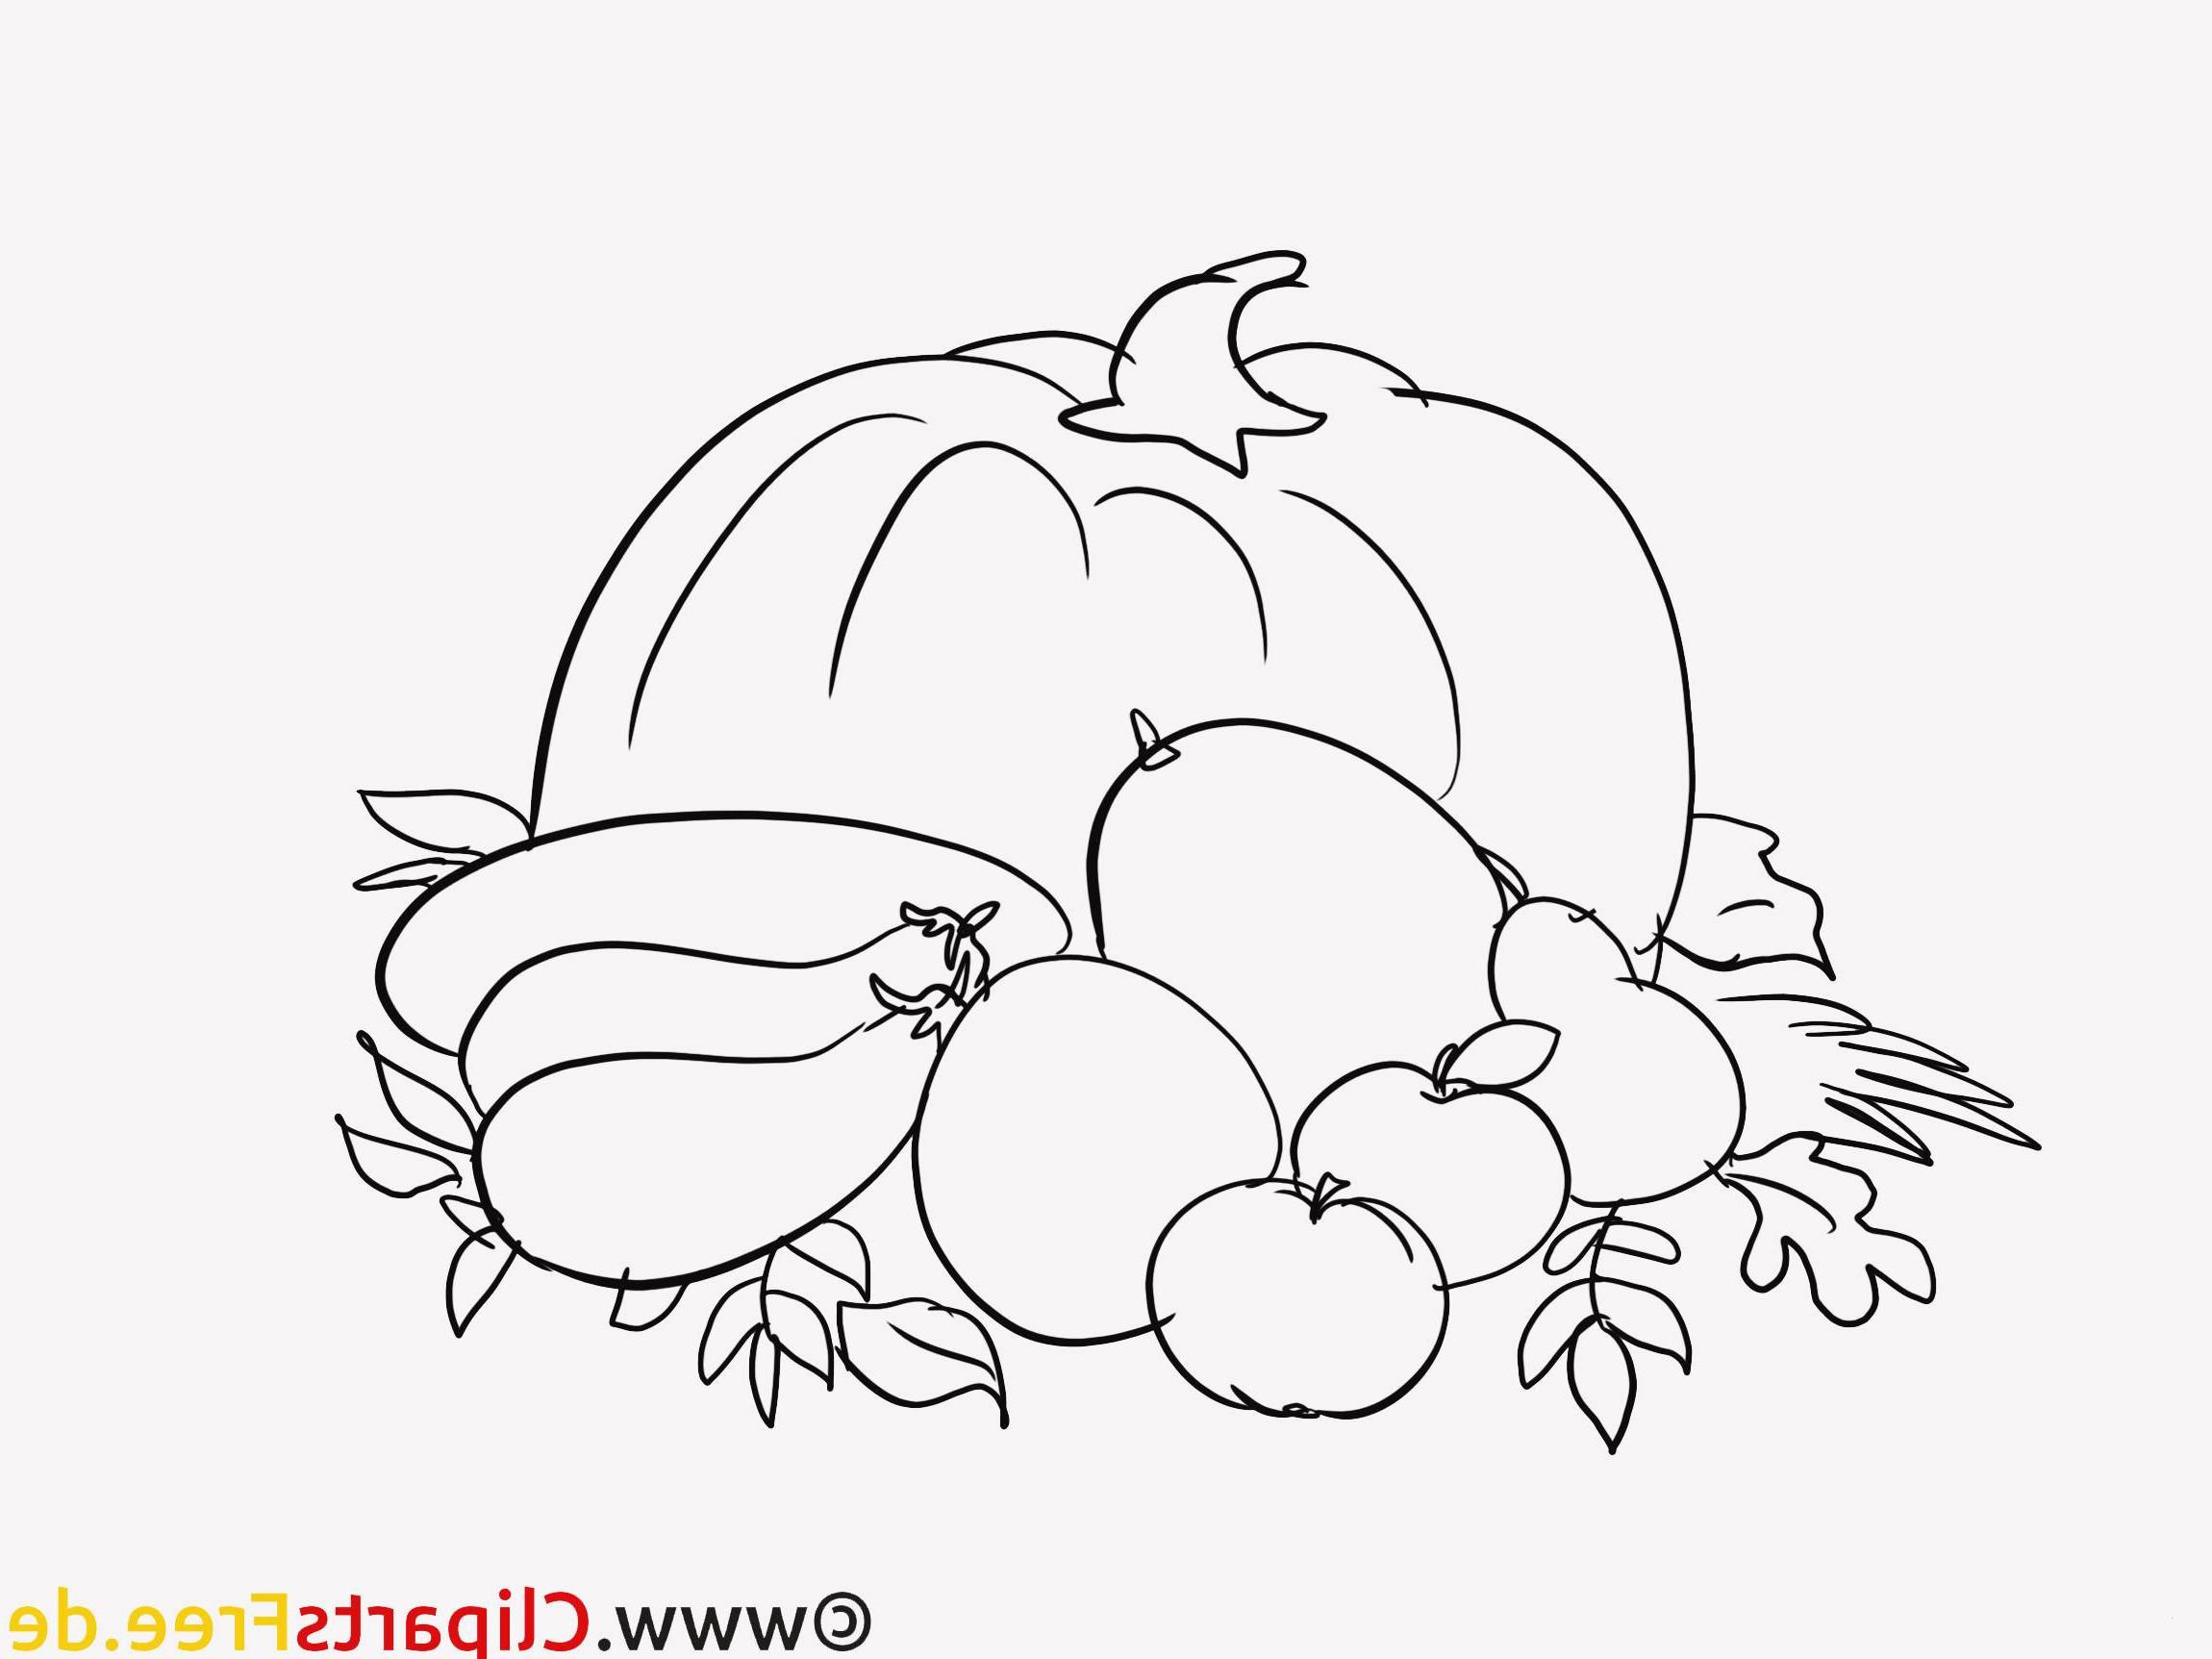 Mandala Herbst Zum Ausdrucken Einzigartig 26 Elegant Herbst Mandalas Zum Ausdrucken – Malvorlagen Ideen Fotos